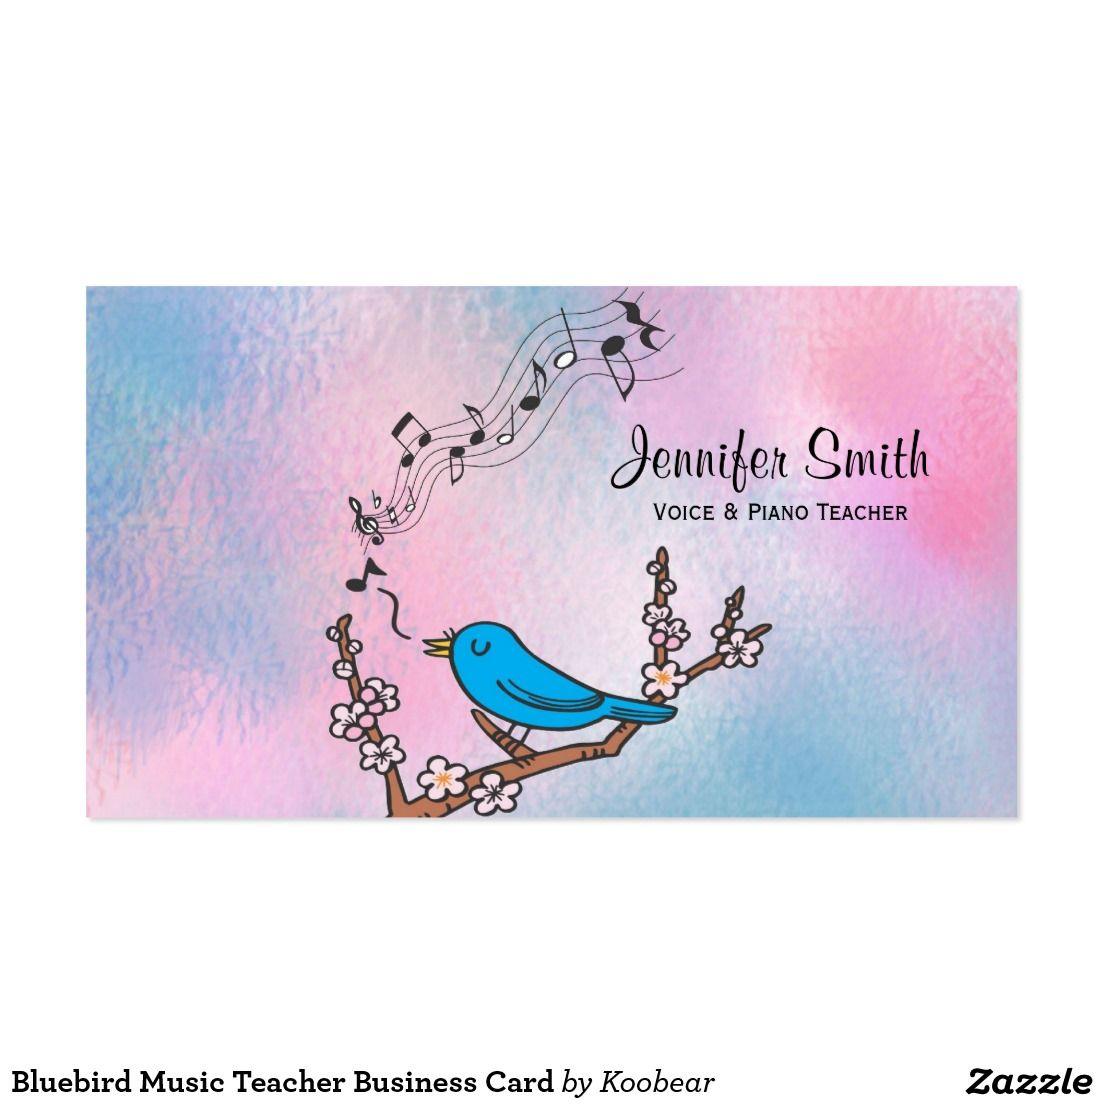 Bluebird Music Teacher Business Card | Teacher business cards ...